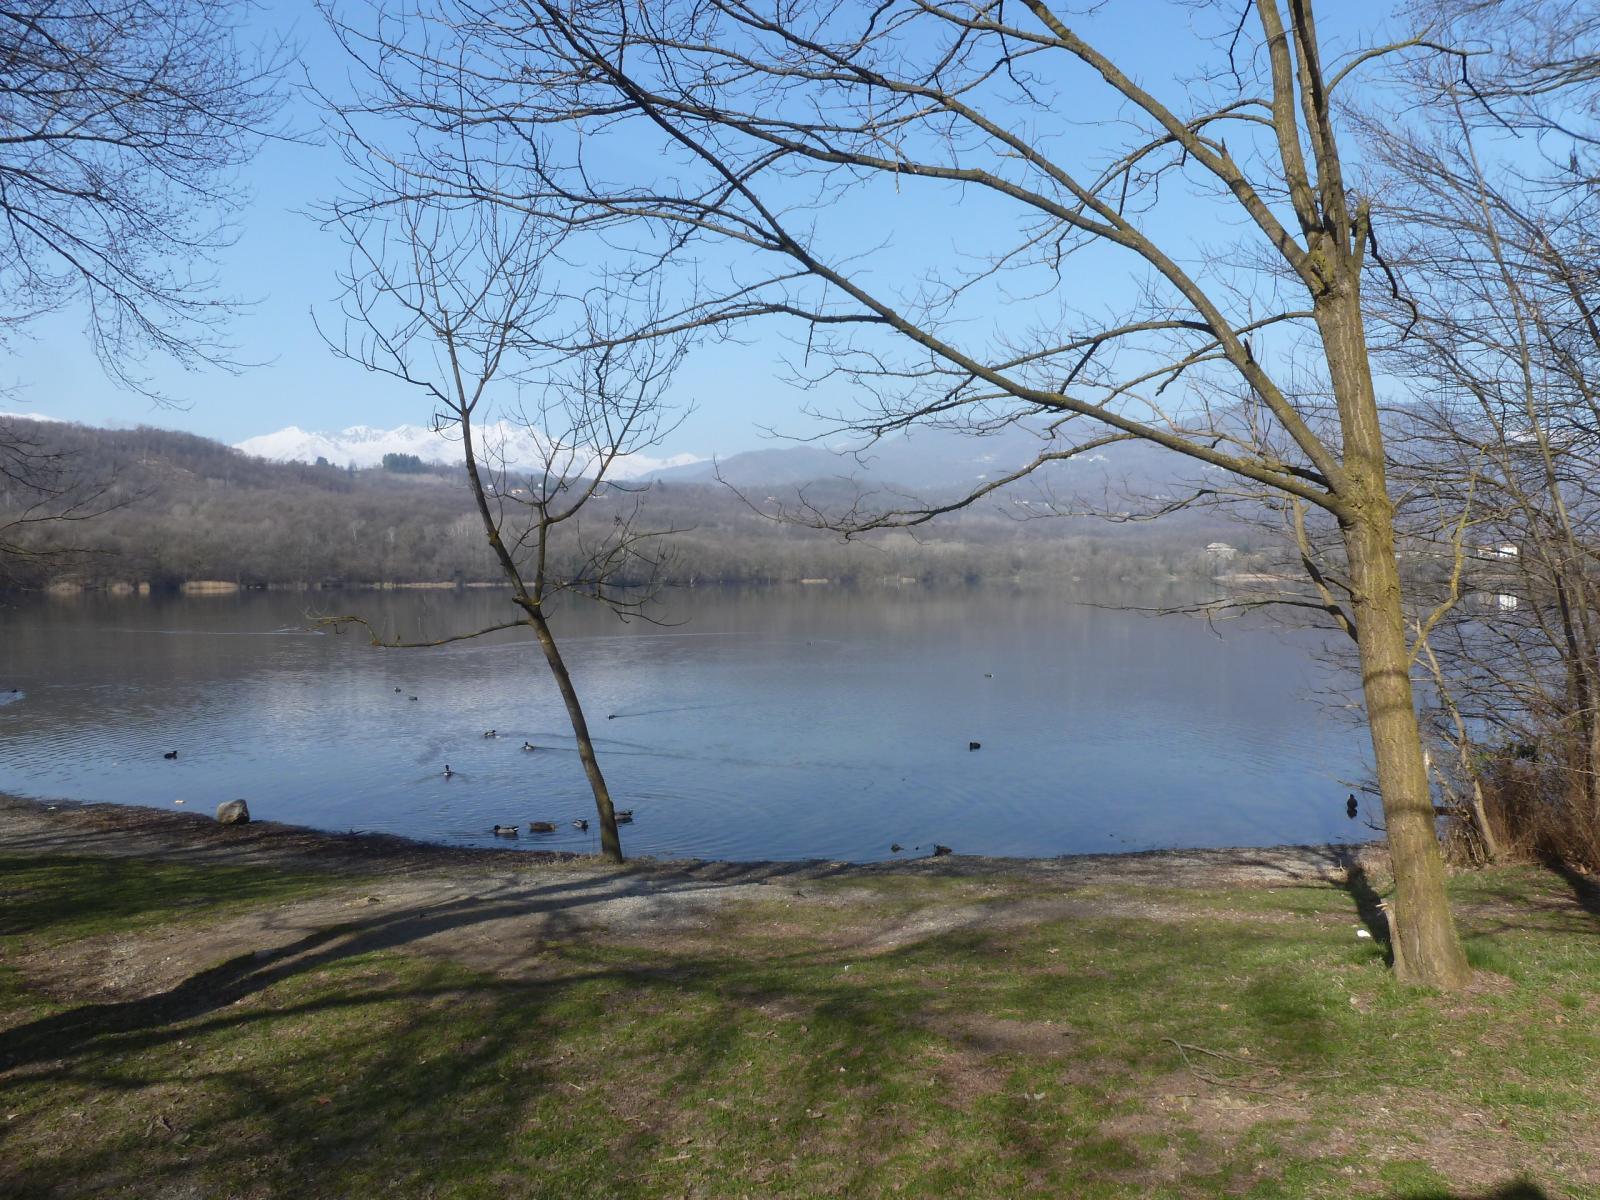 lago piccolo